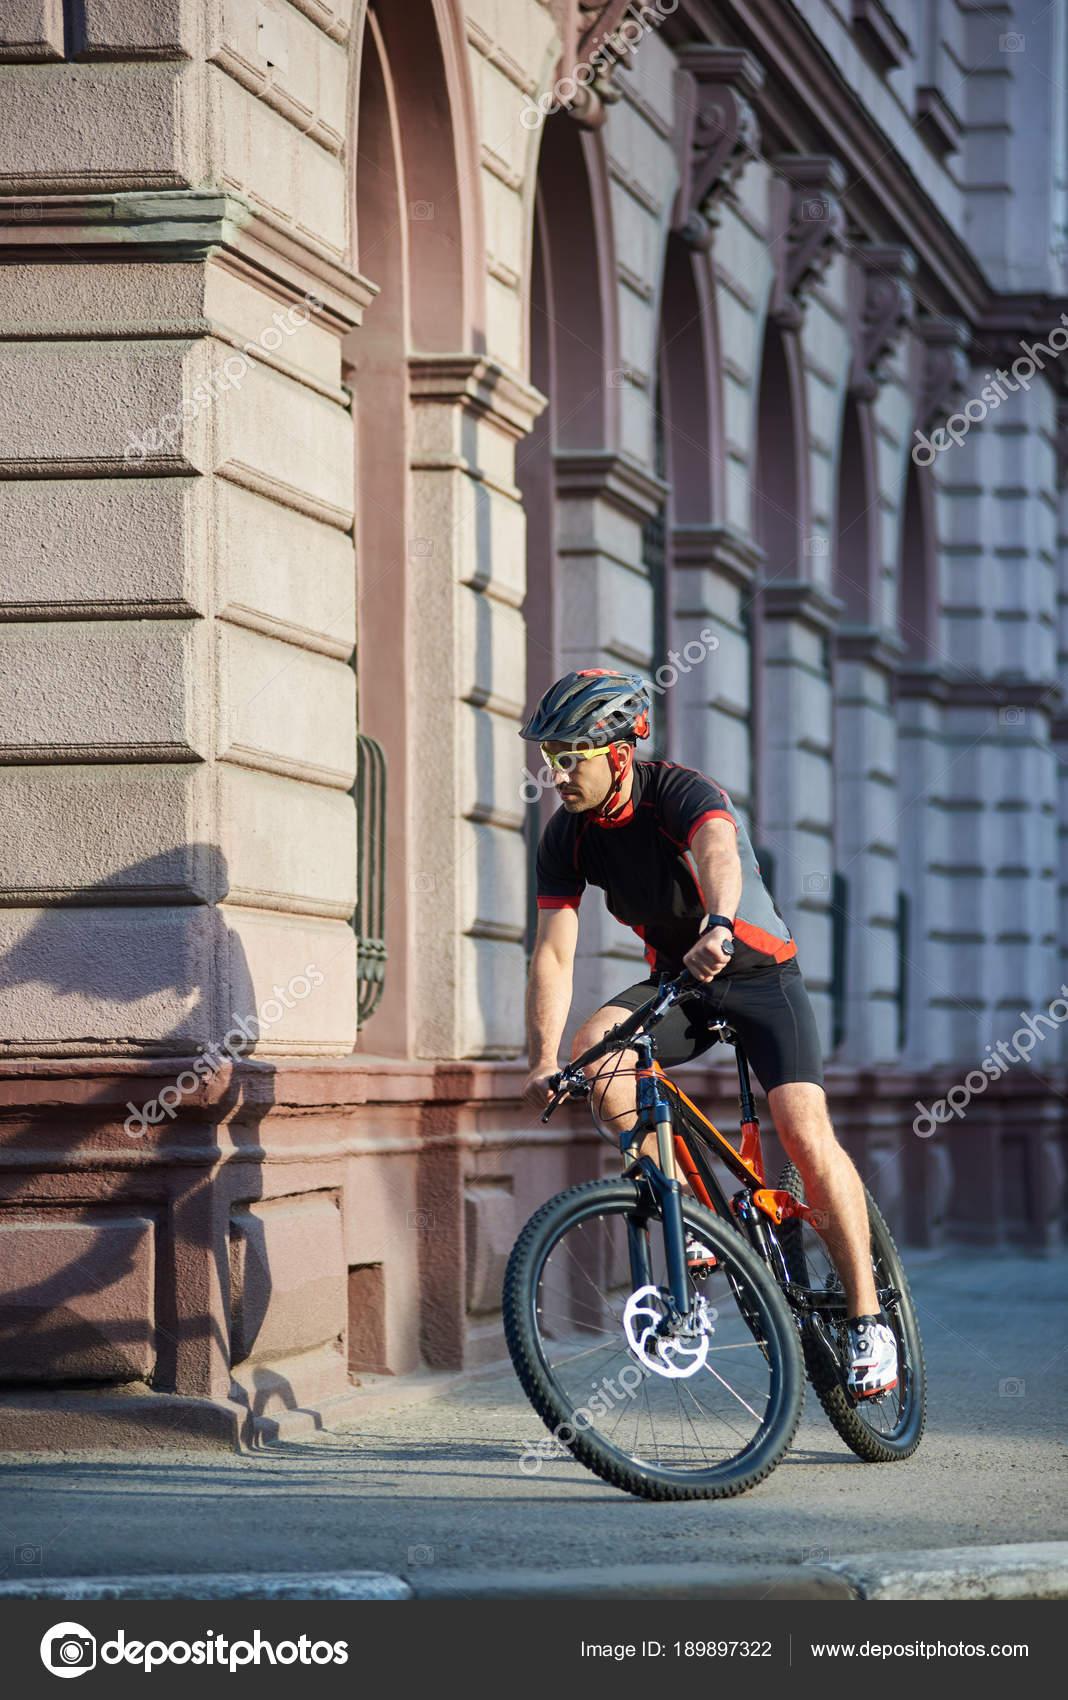 Αθλητής στην επαγγελματική ποδηλασία ρούχα και προστατευτικό κράνος  ιππασίας παλιά ιστορική πόλη στους δρόμους 48be8b7fce8